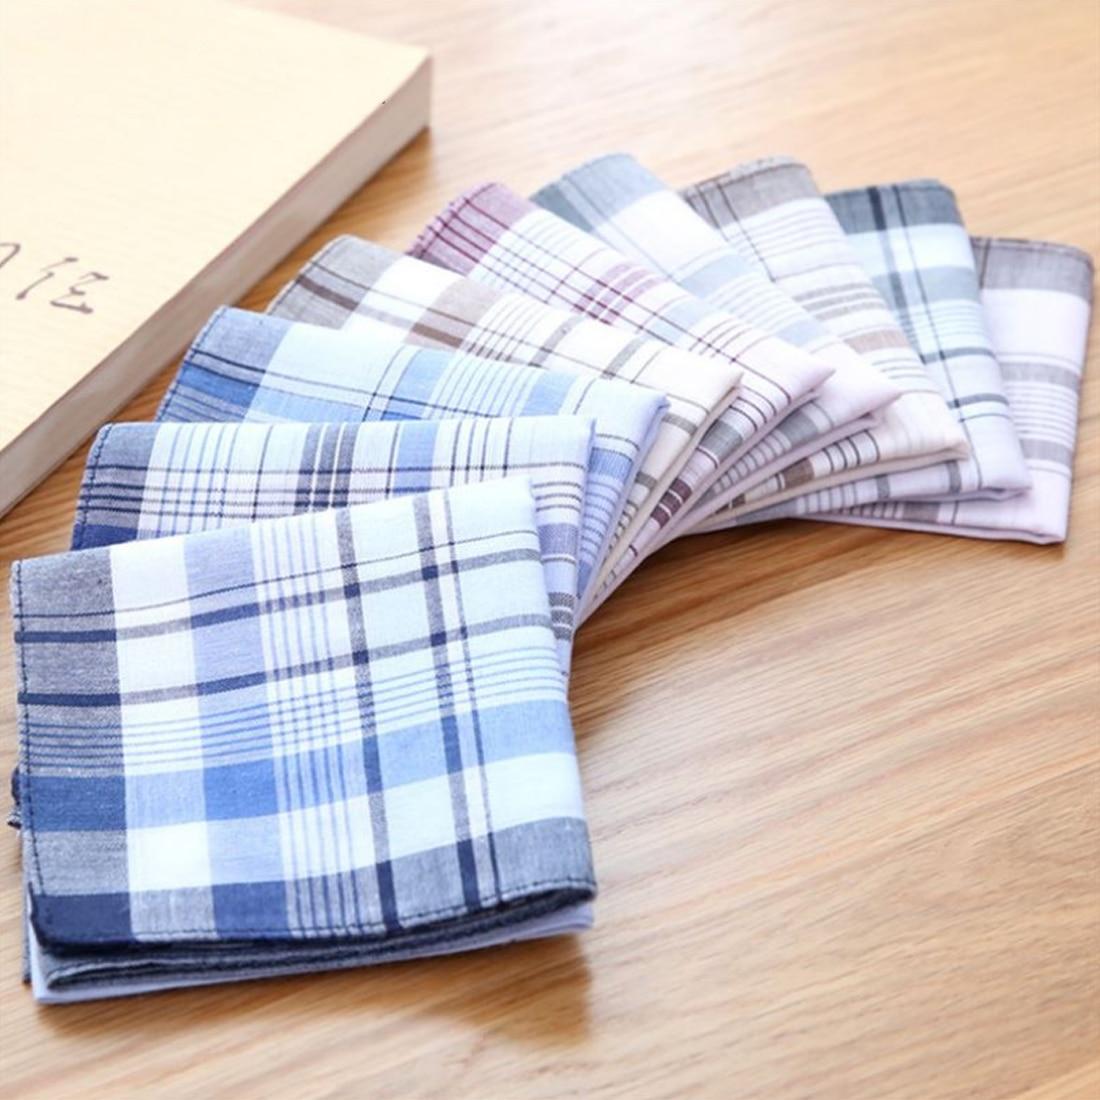 10Pcs/lot 38*38cm Comfortable Cotton Handkerchief Classic Plaid Pattern Comfort Vintage Square Handy Pocket Women Men For Gifts